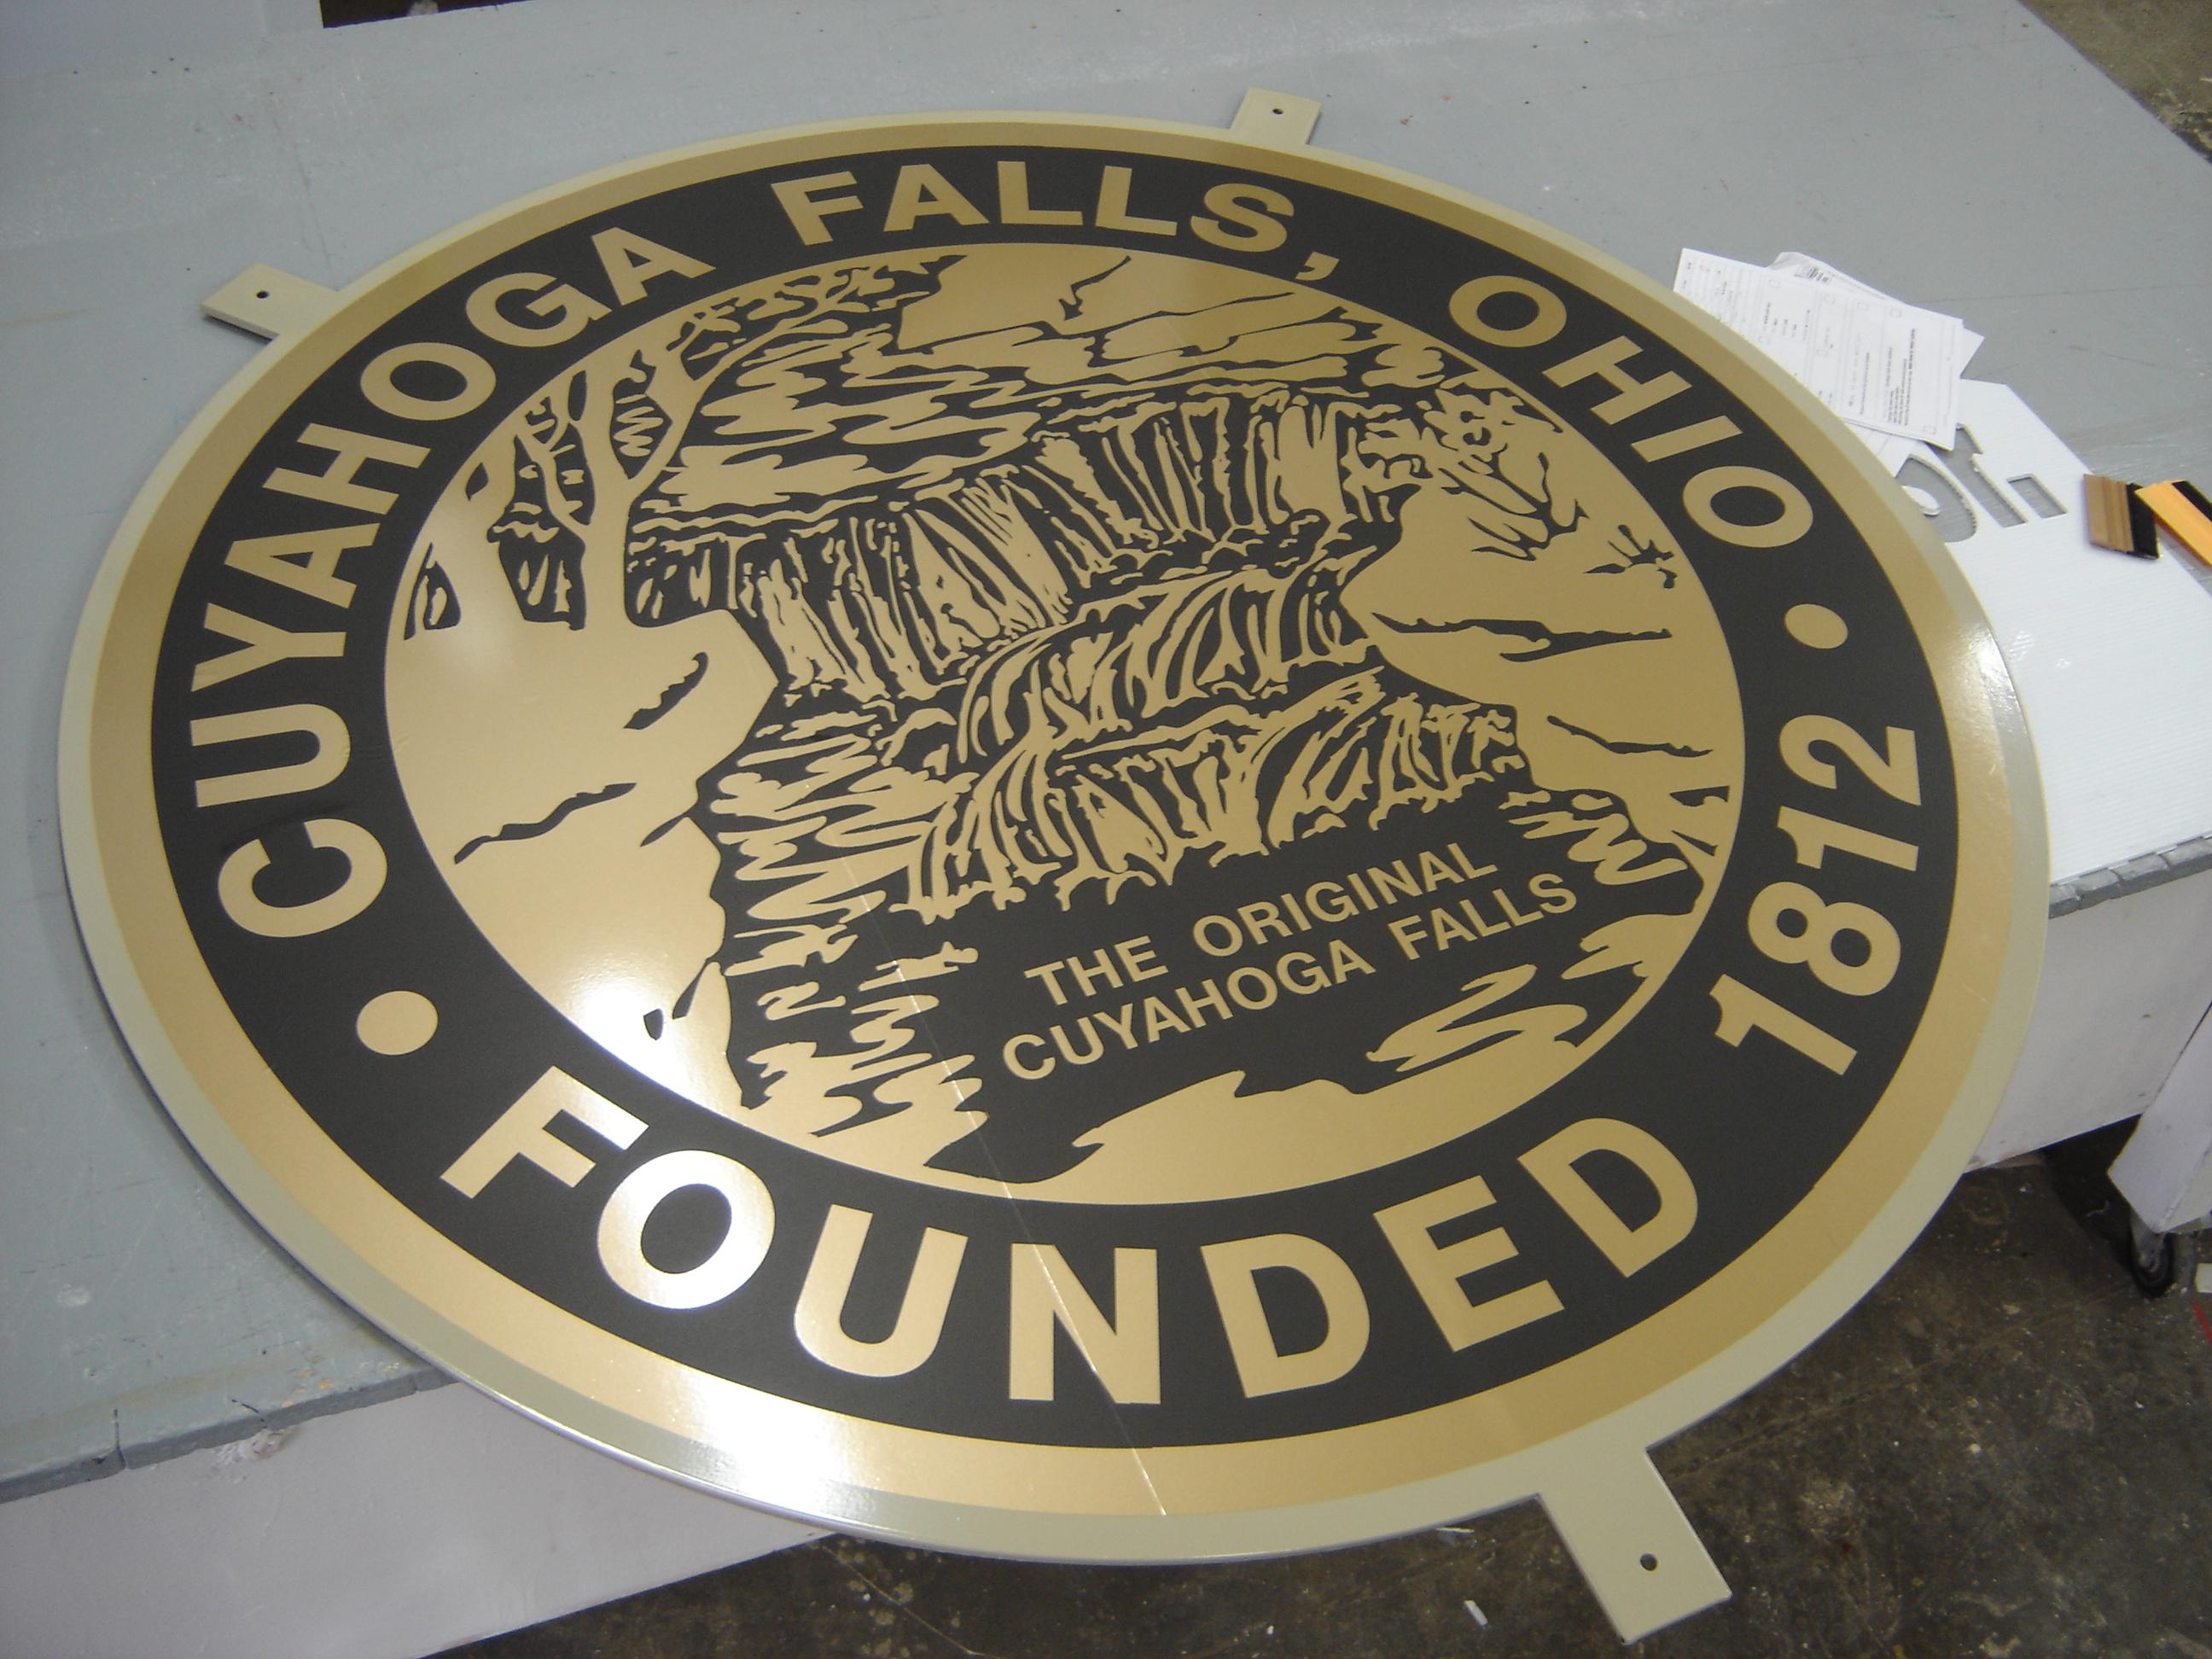 Cuyahoga Falls emblem